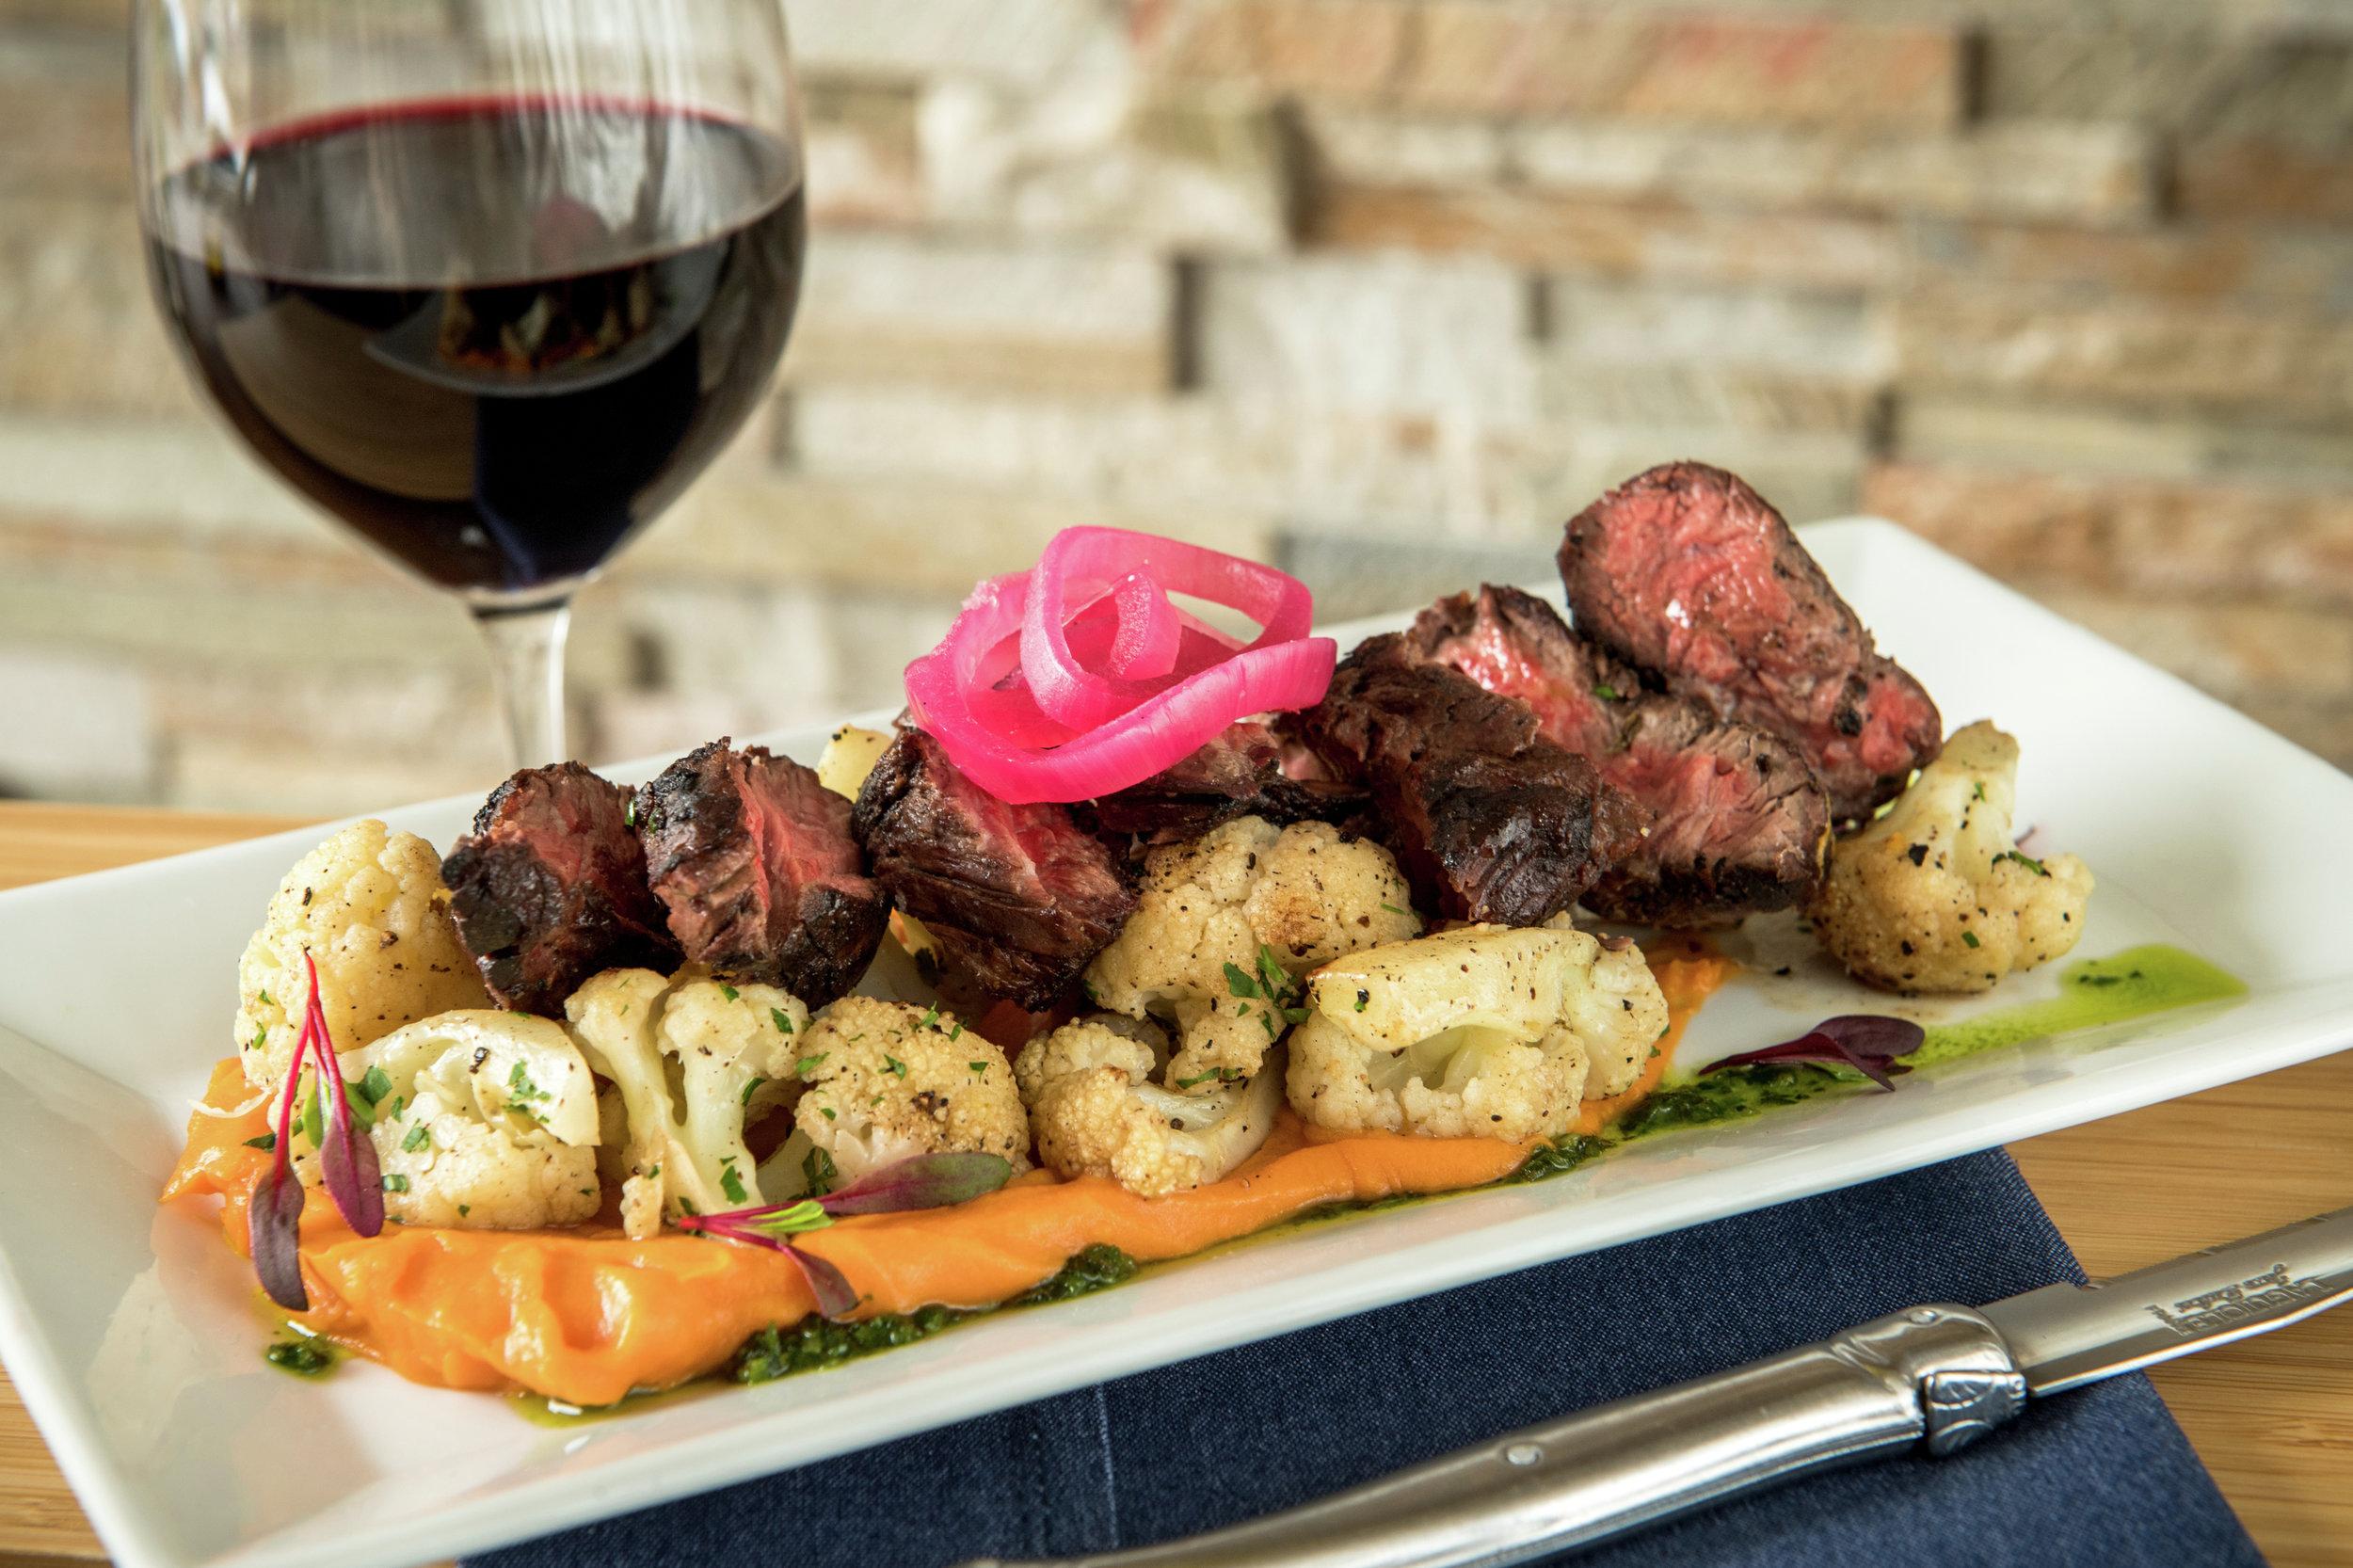 B K_Flank_Steak-2-3500x2333.jpg